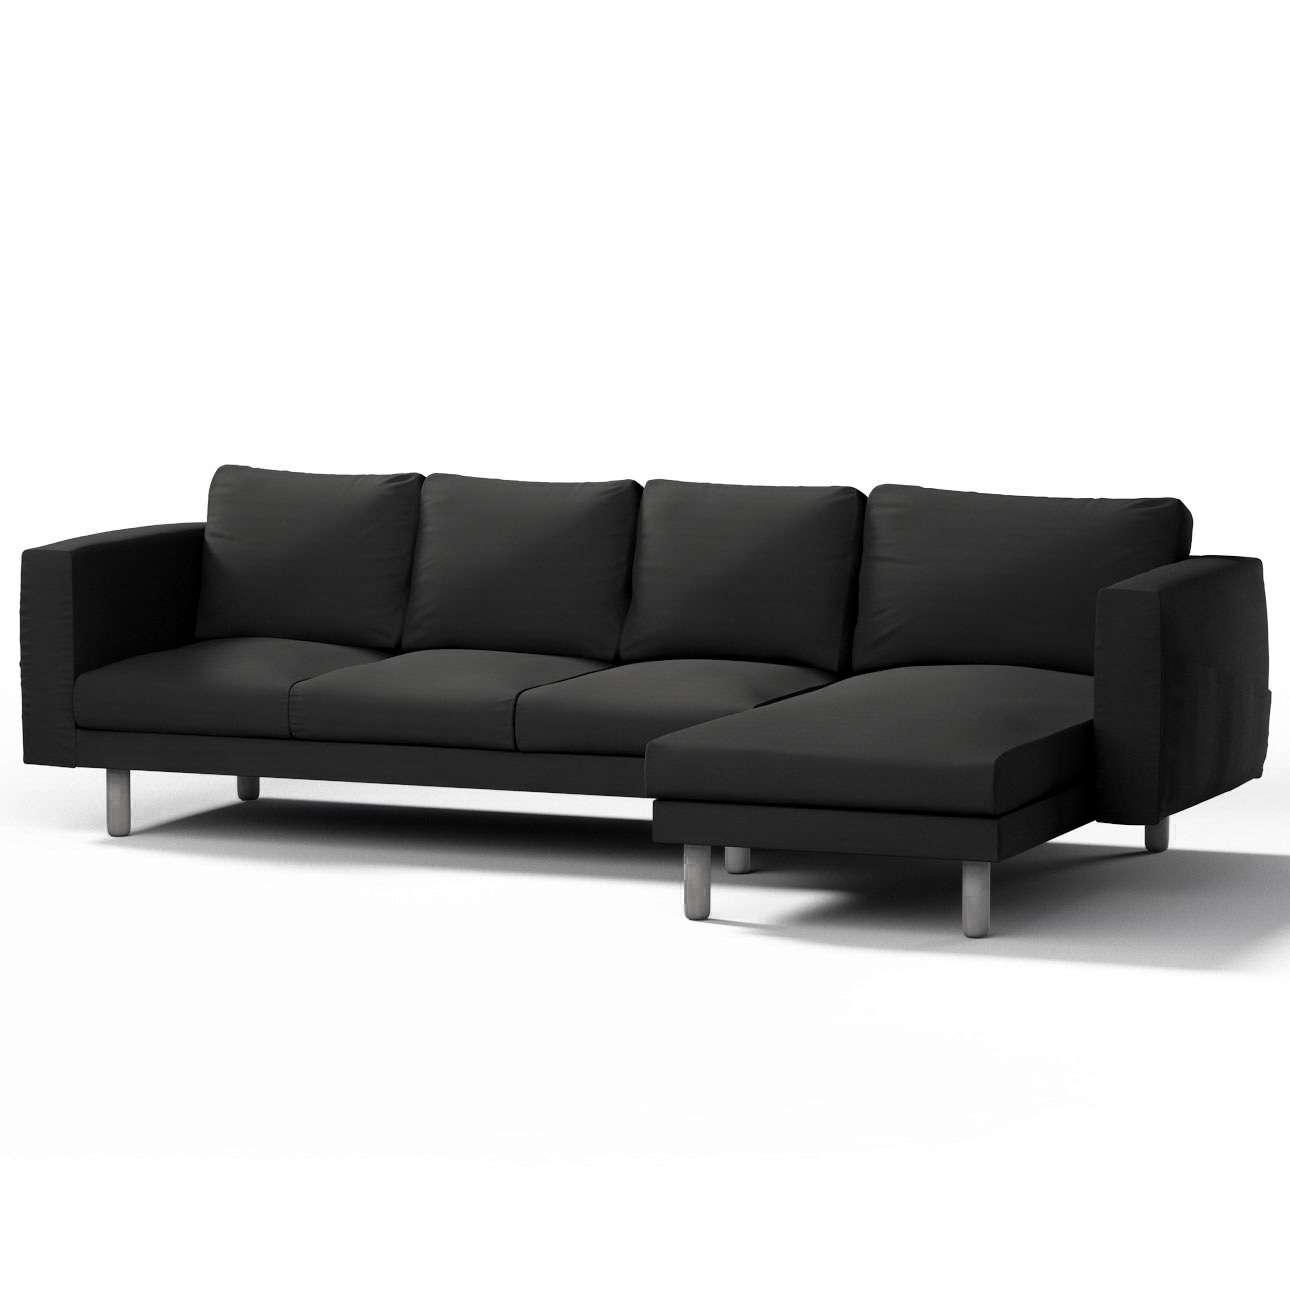 Pokrowiec na sofę Norsborg 4-osobową z szezlongiem w kolekcji Cotton Panama, tkanina: 702-08